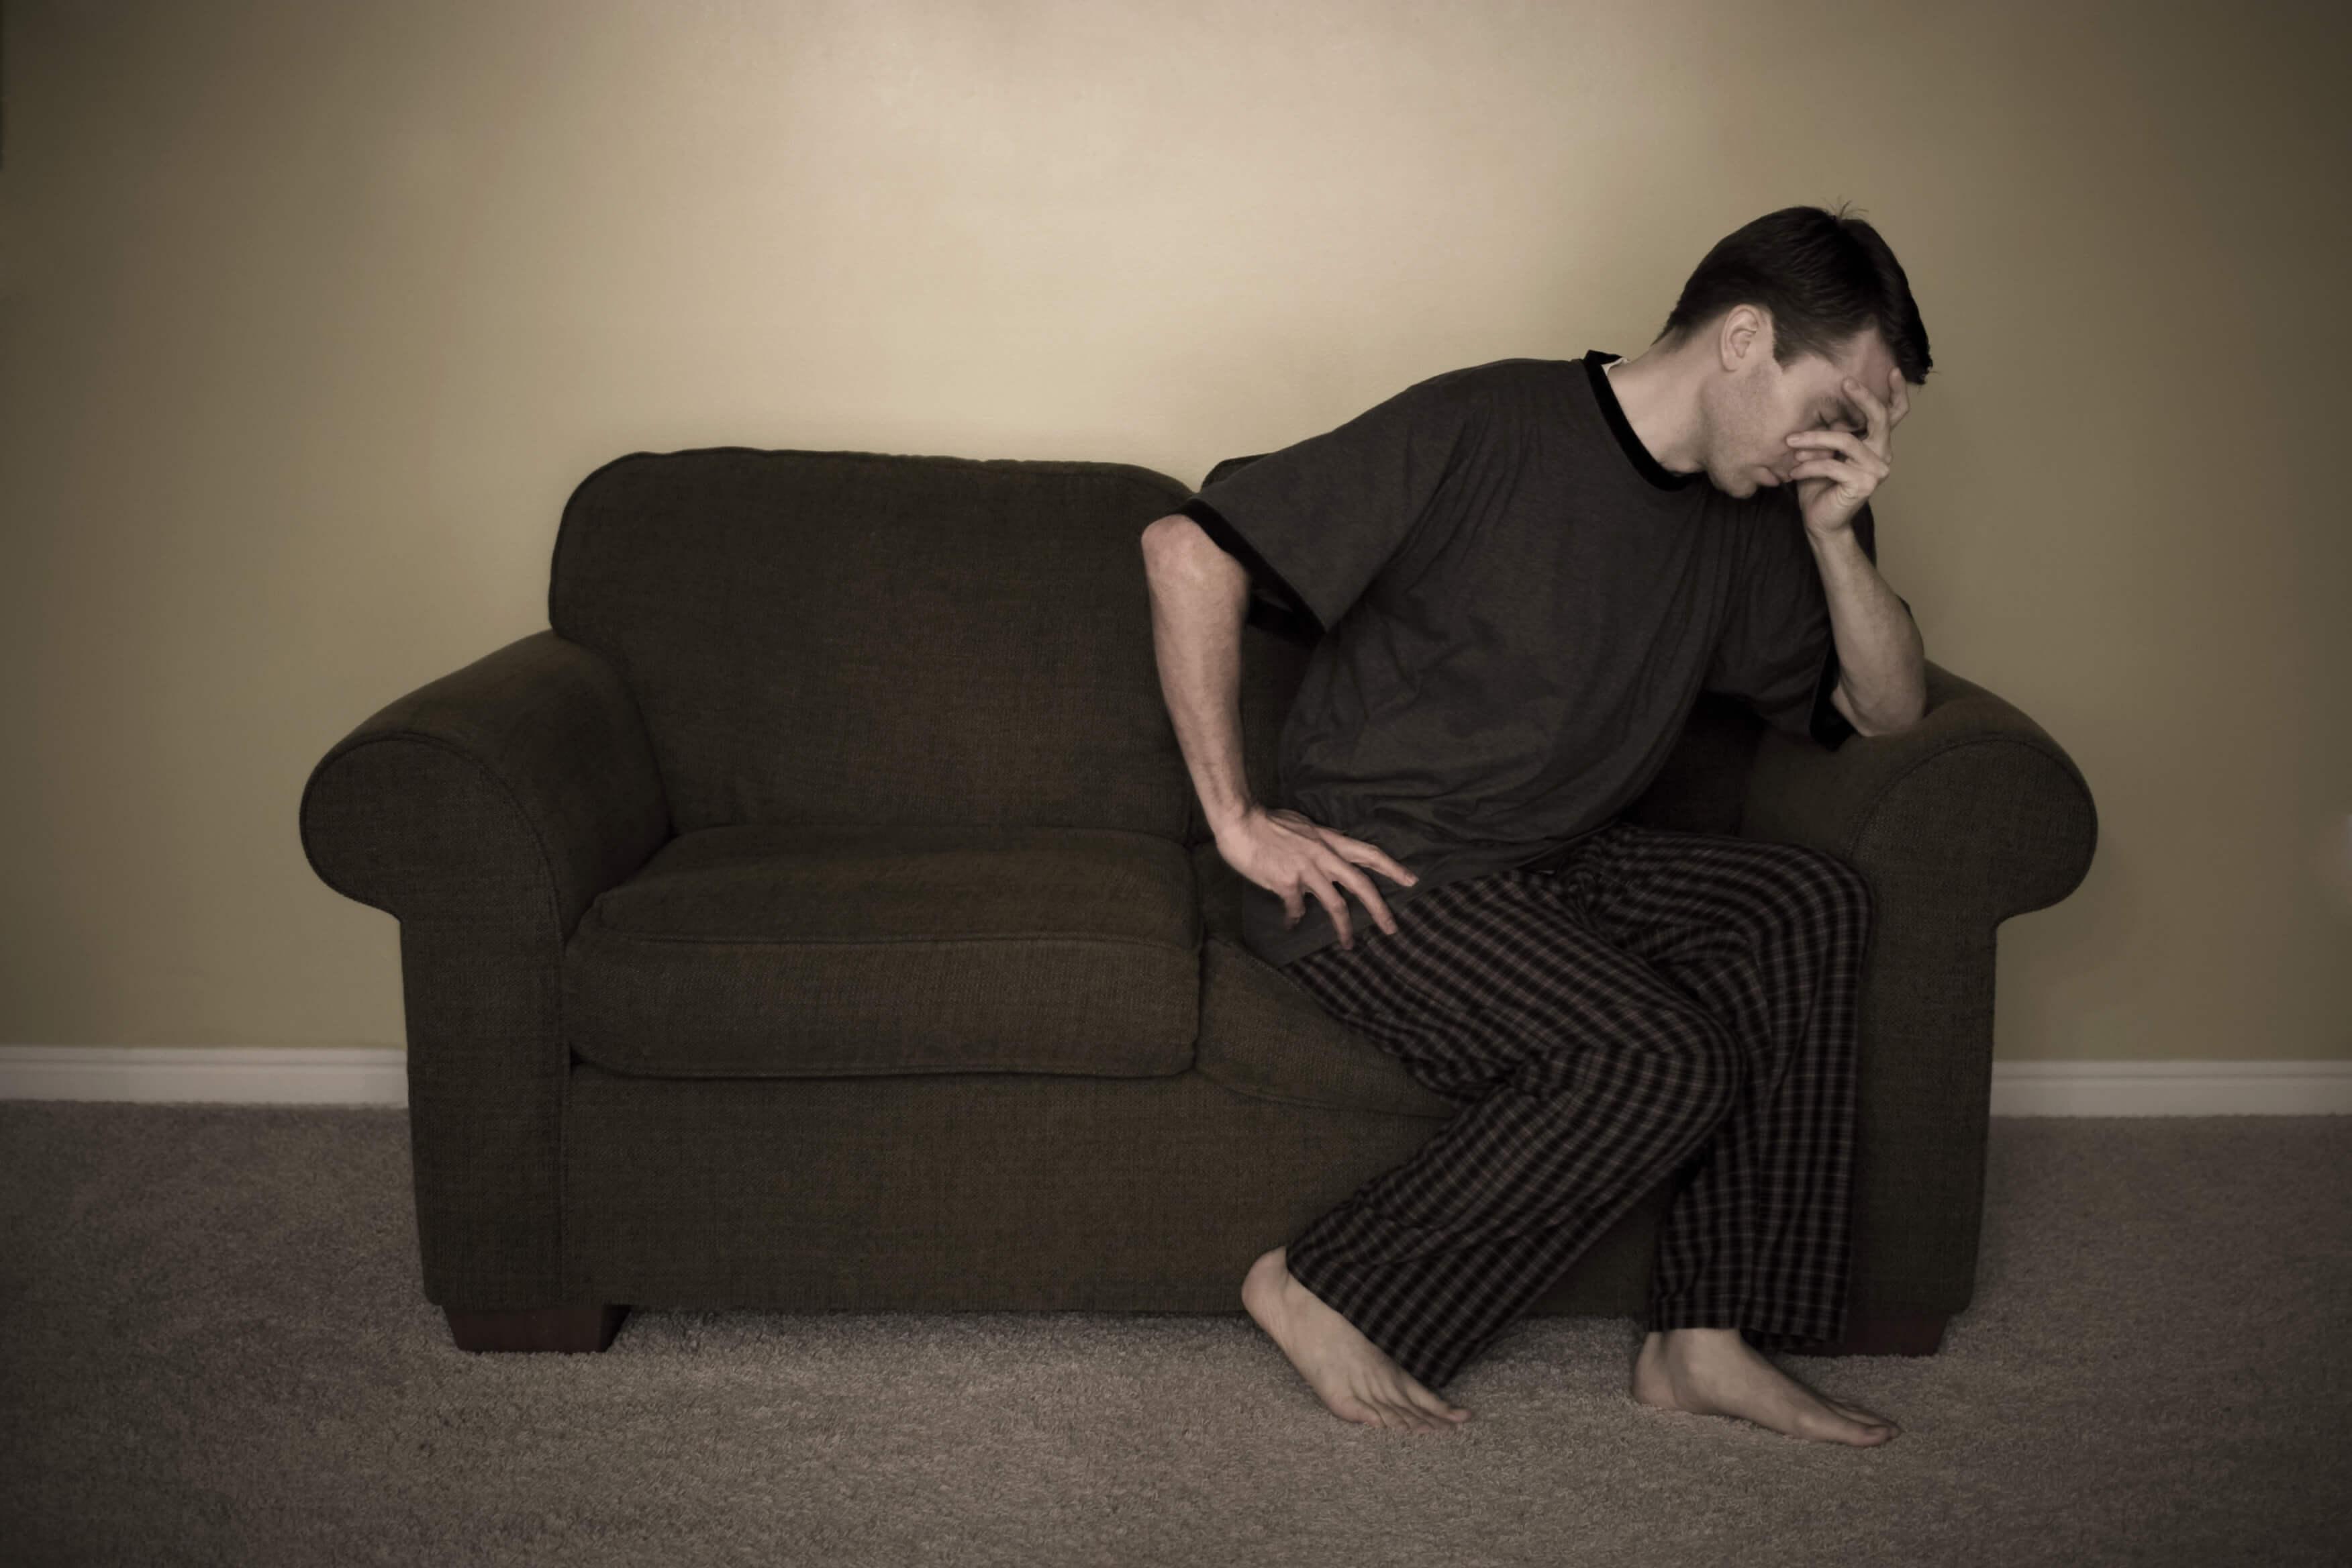 Как избавиться от депрессии: что делать и справиться самостоятельно, советы психолога